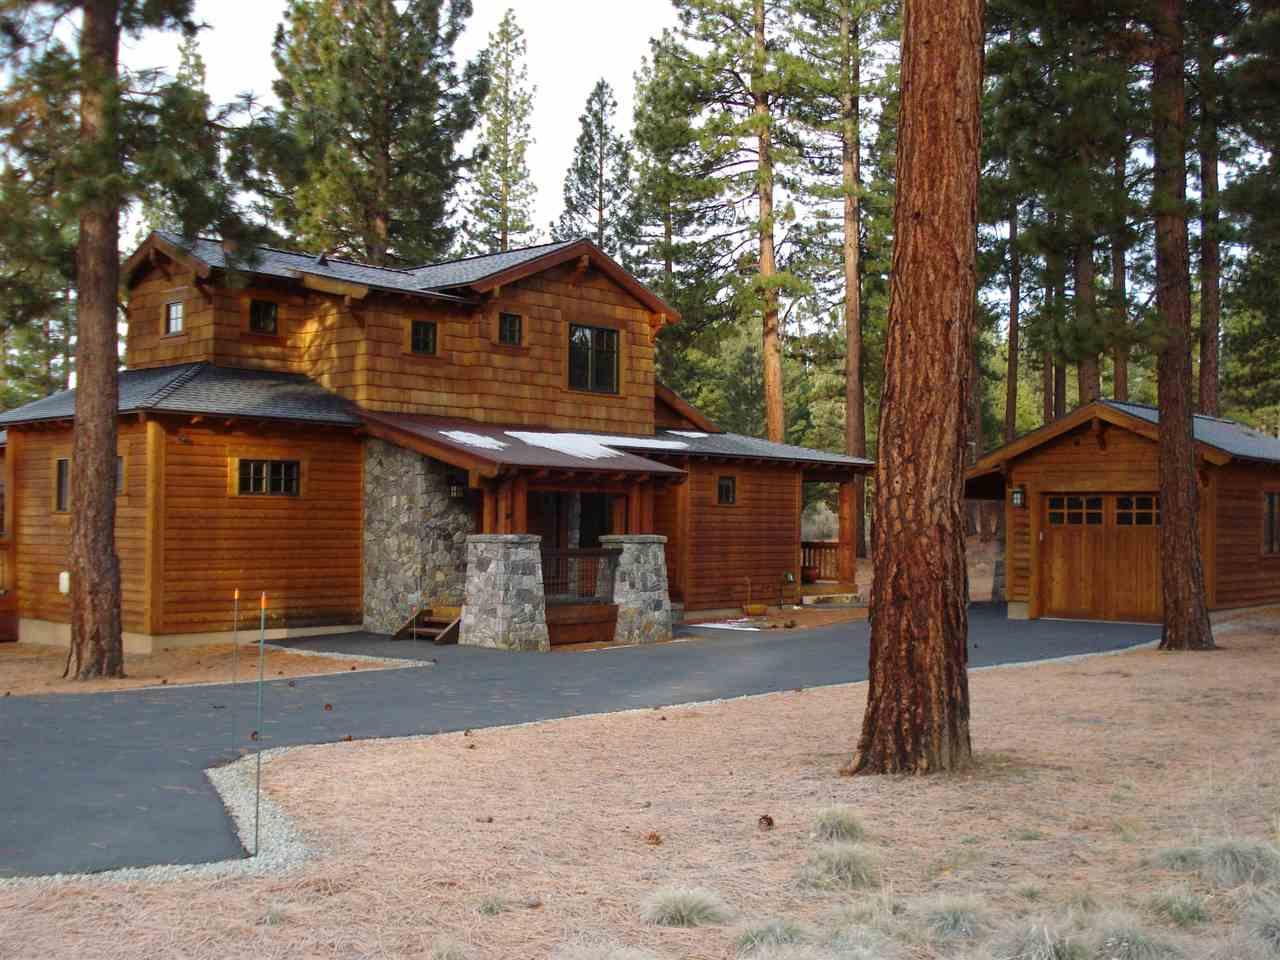 独户住宅 为 销售 在 44 Yarrow Lane 波托拉, 加利福尼亚州 96122 美国